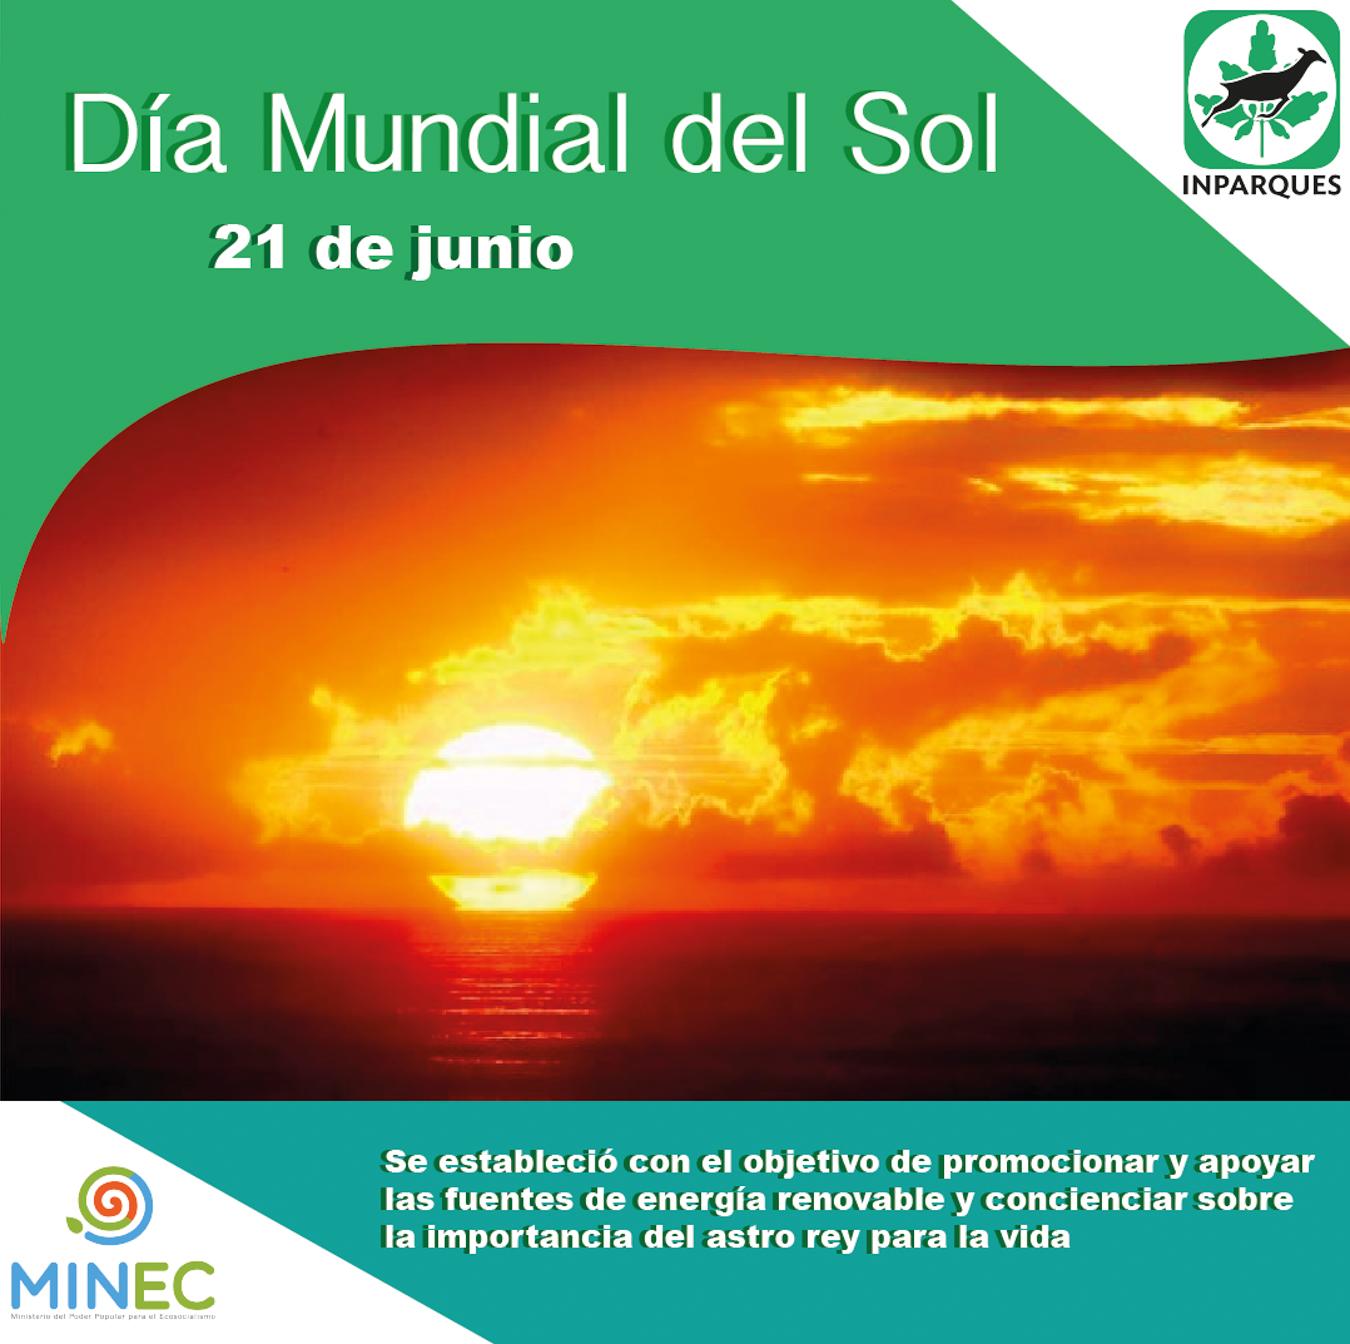 El Día Mundial del Sol resalta su importancia para la vida